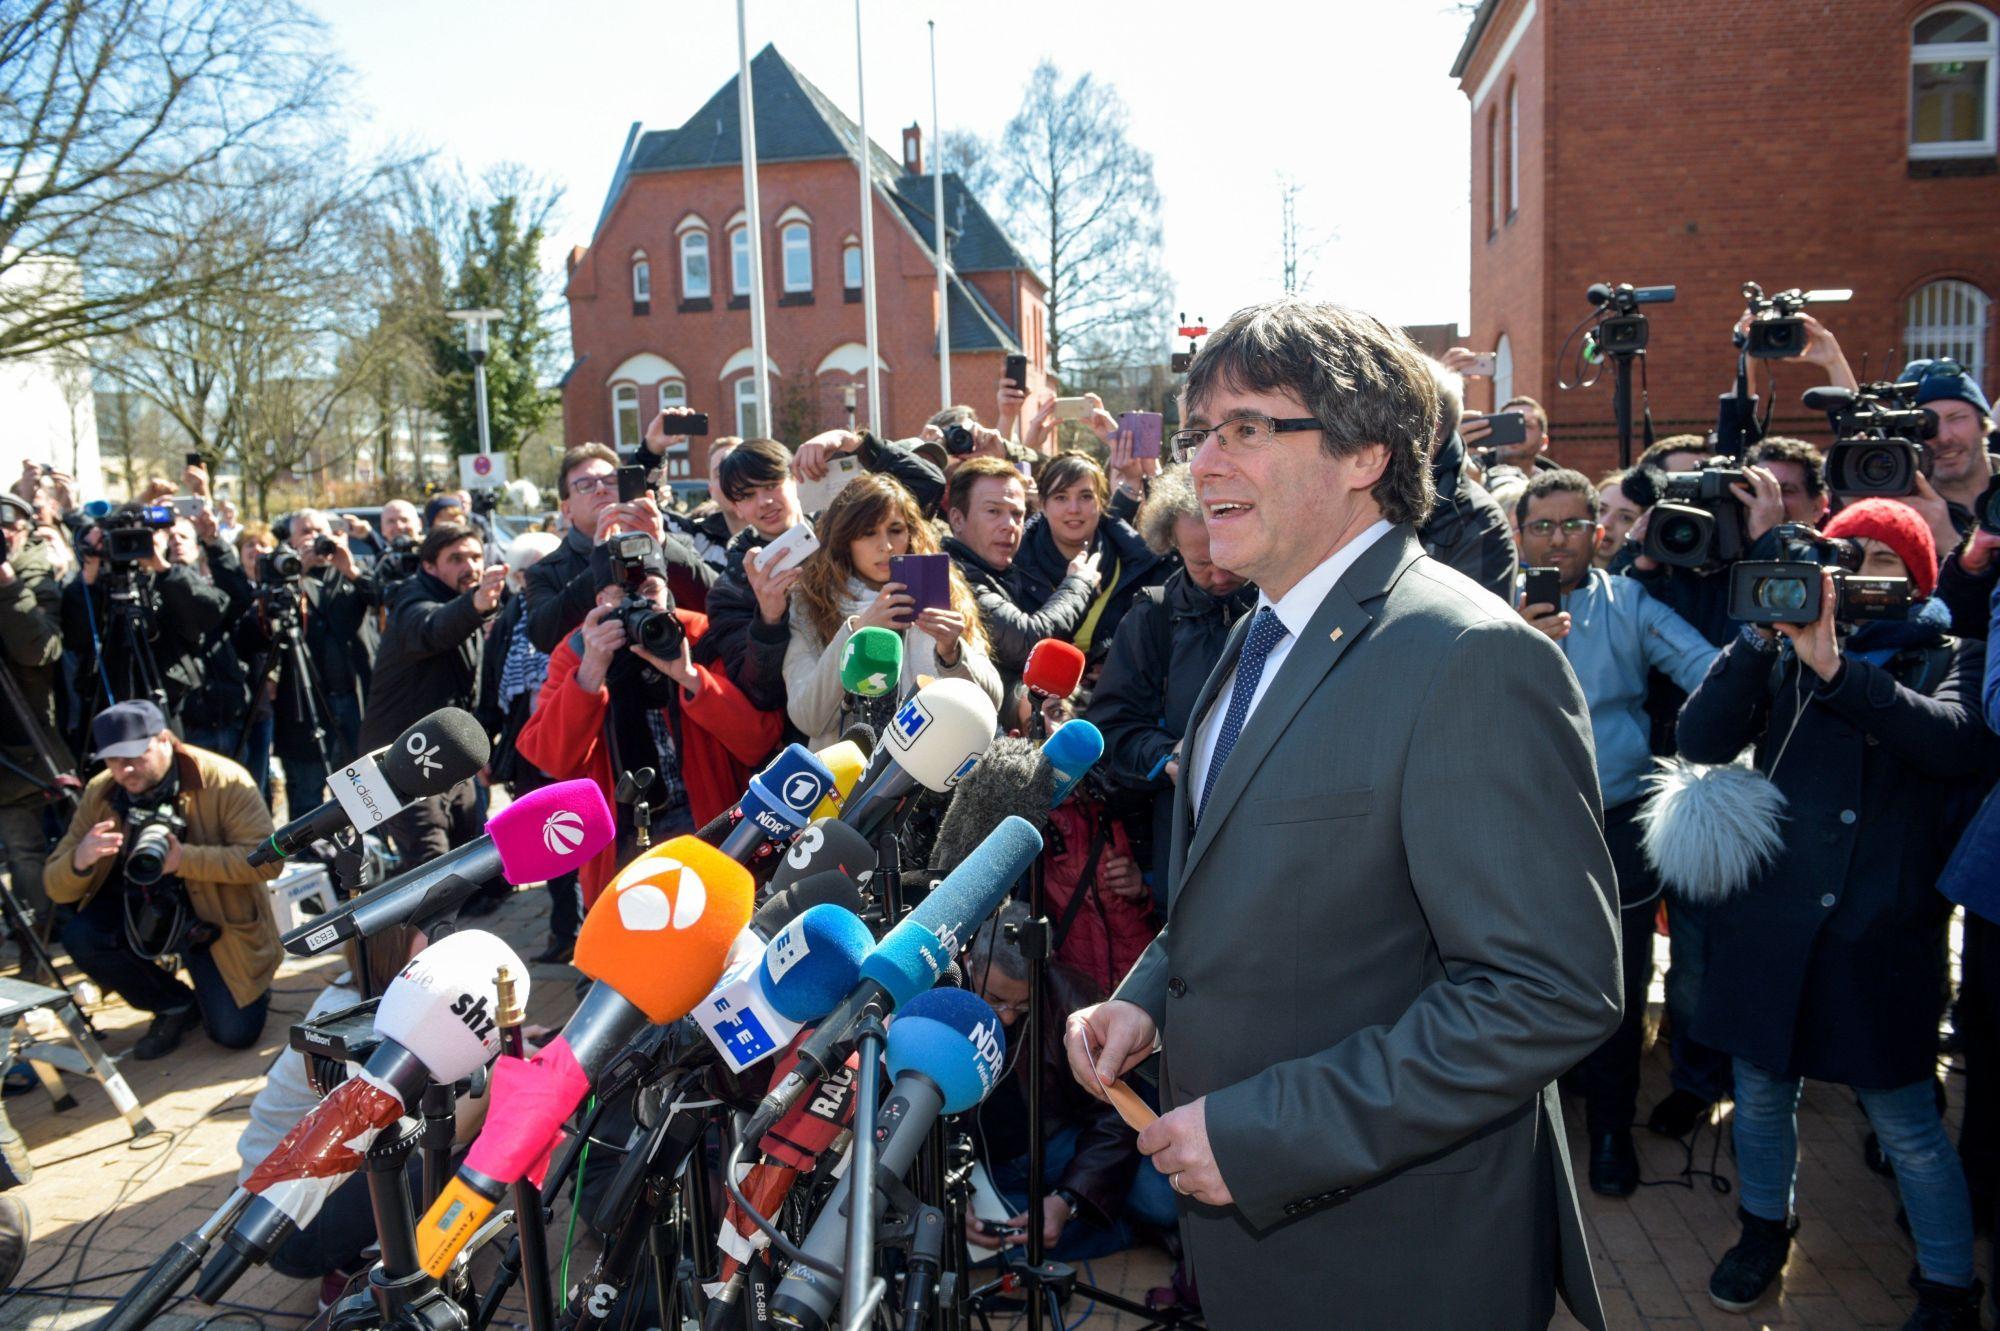 Carles Puigdemont nyilatkozik a neumünsteri börtön előtt, miután óvadék ellenében szabadlábra helyezték 2018. április 6-án. Puigdemont kiadatását a spanyol hatóságok kérték. (MTI/EPA/Focke Strangmann)